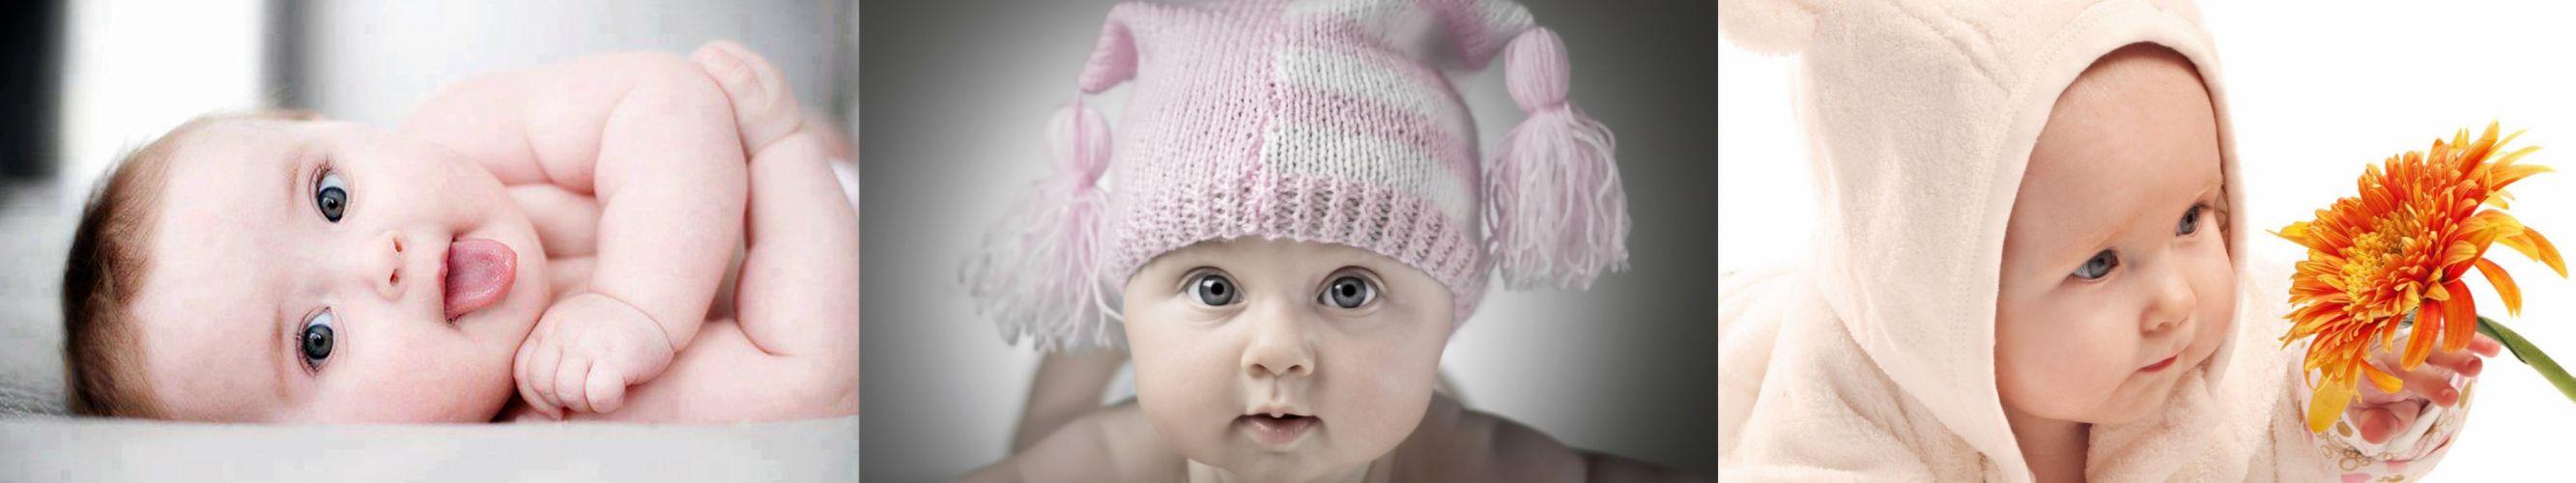 baby babies bA wallpaper